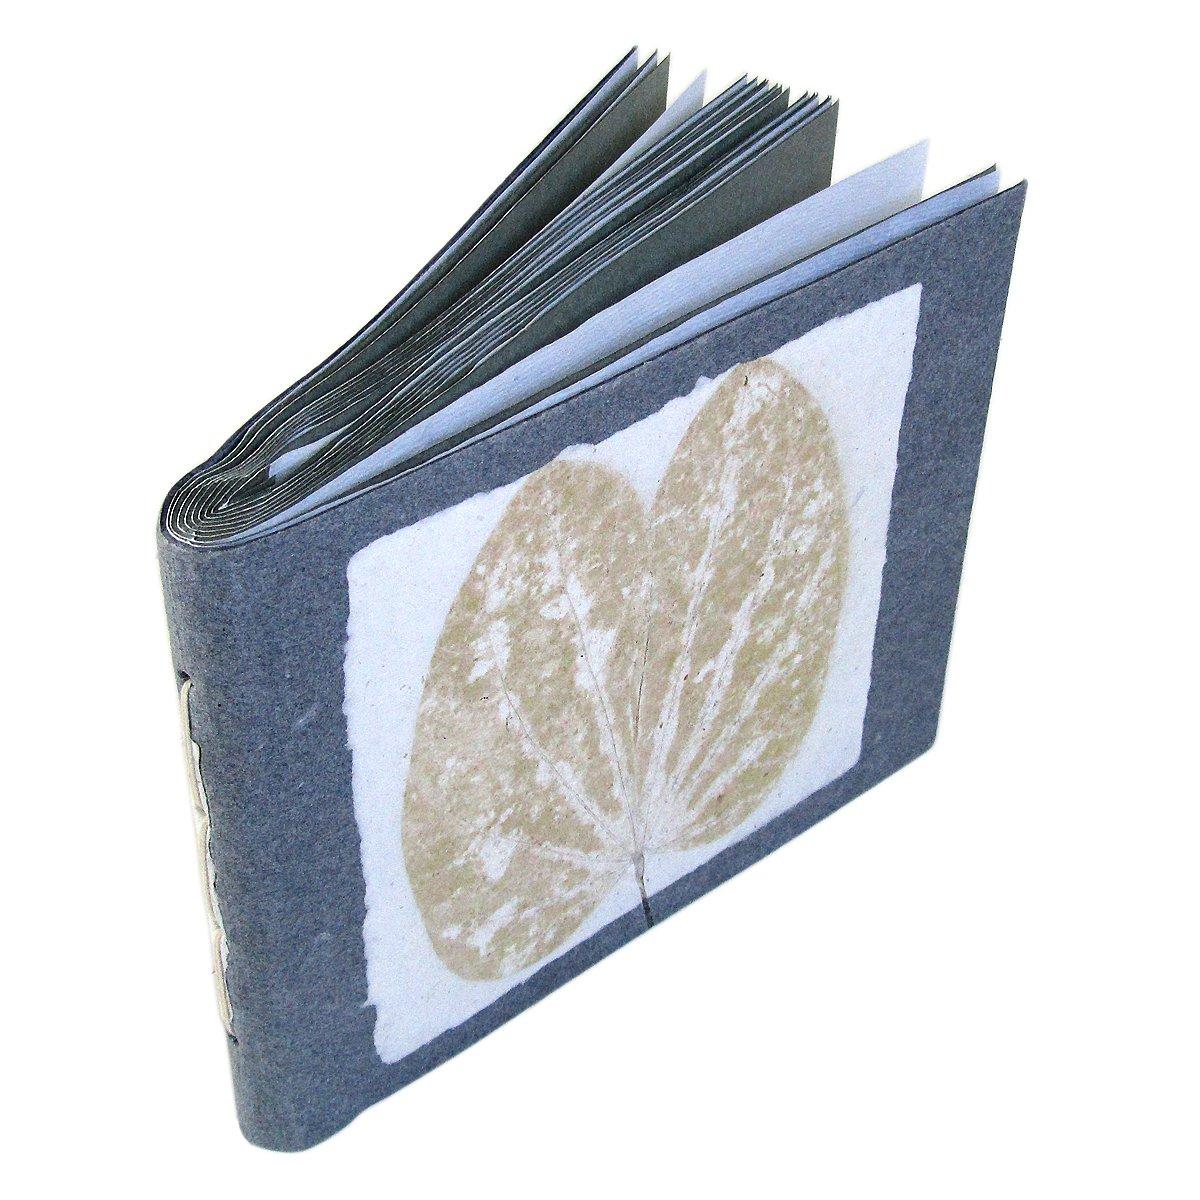 Permanent-stick 3-D Black Letters to personalize your album Black dry mount photo album